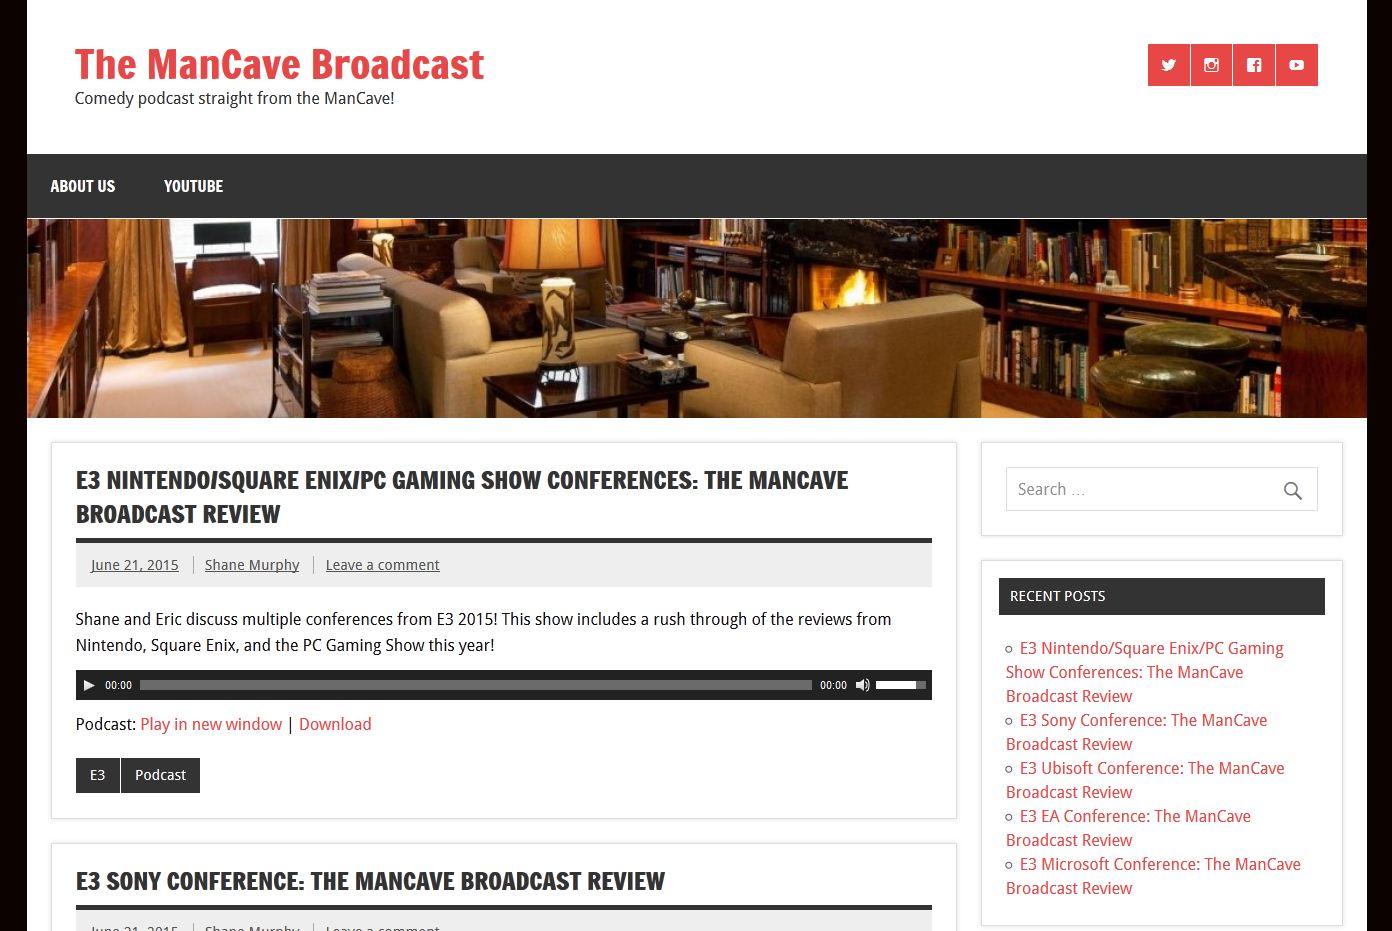 Check out mancavebroadcast.com